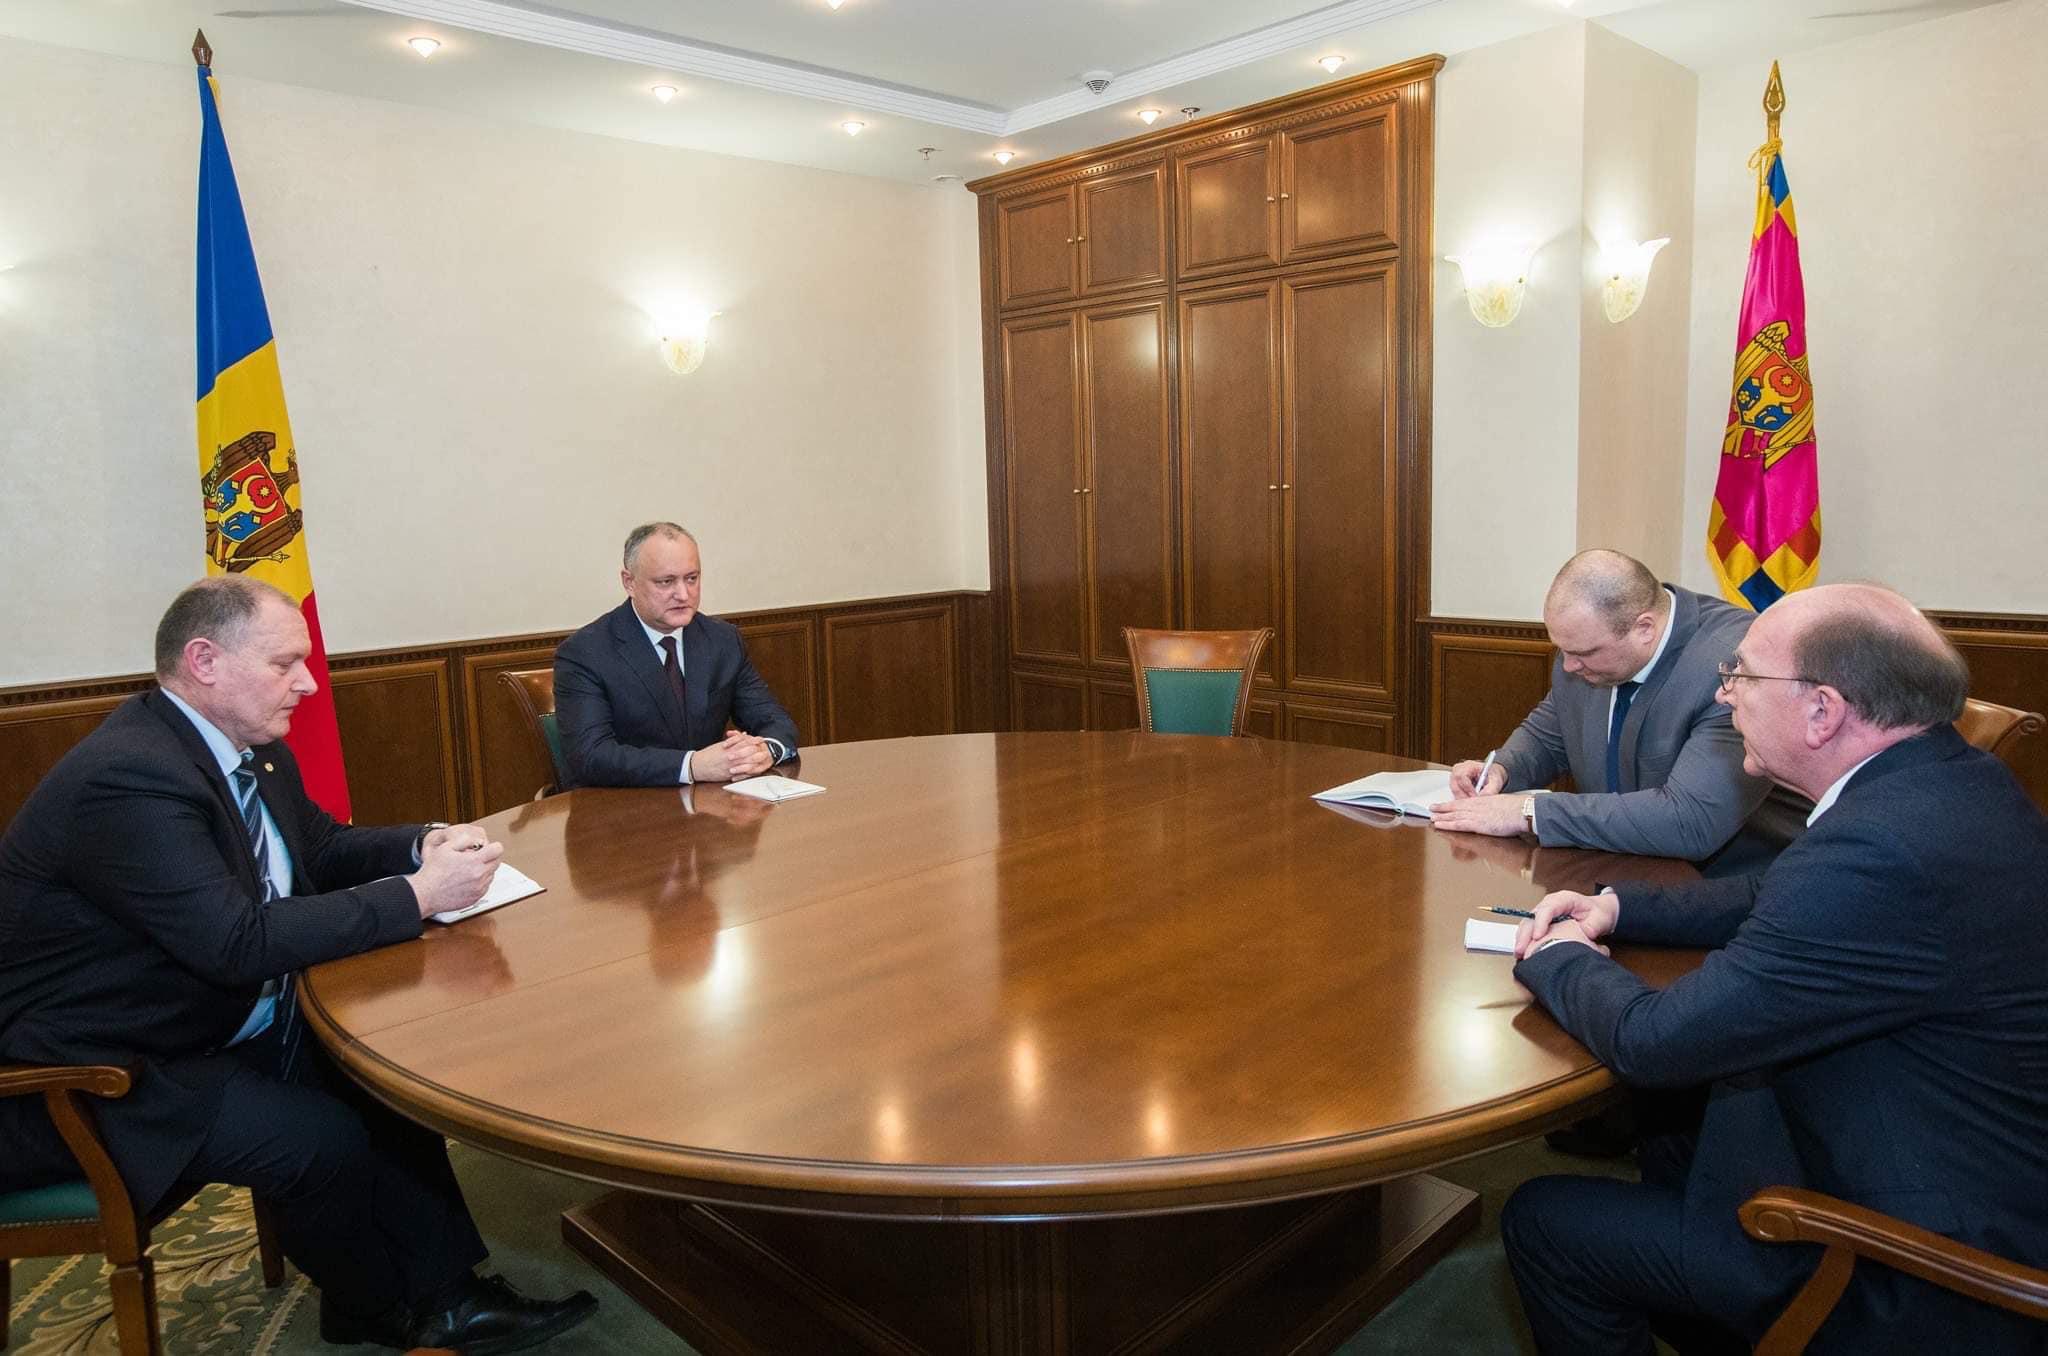 Додон: Без помощи наших друзей в России освобождение молдаван из плена было бы невозможно (ФОТО, ВИДЕО)